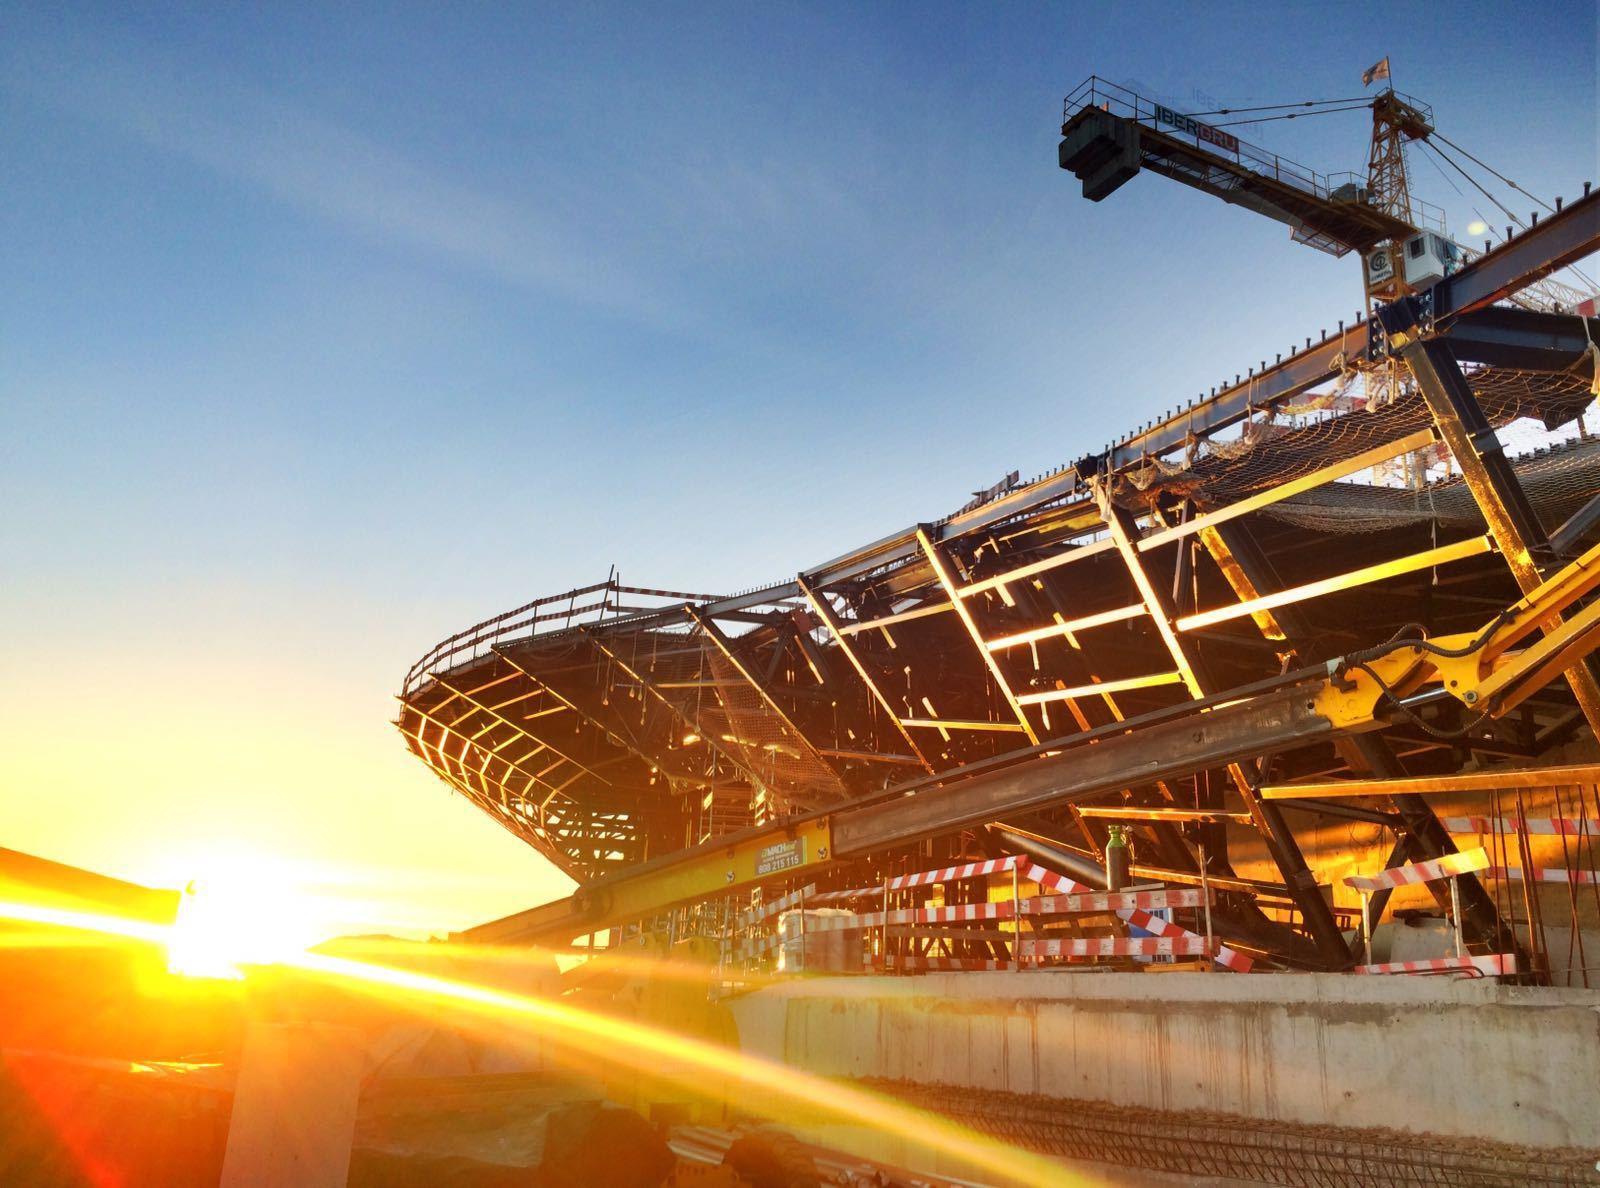 Museo de Arte, Arquitectura y Tecnología de Lisboa abre sus puertas en Octubre